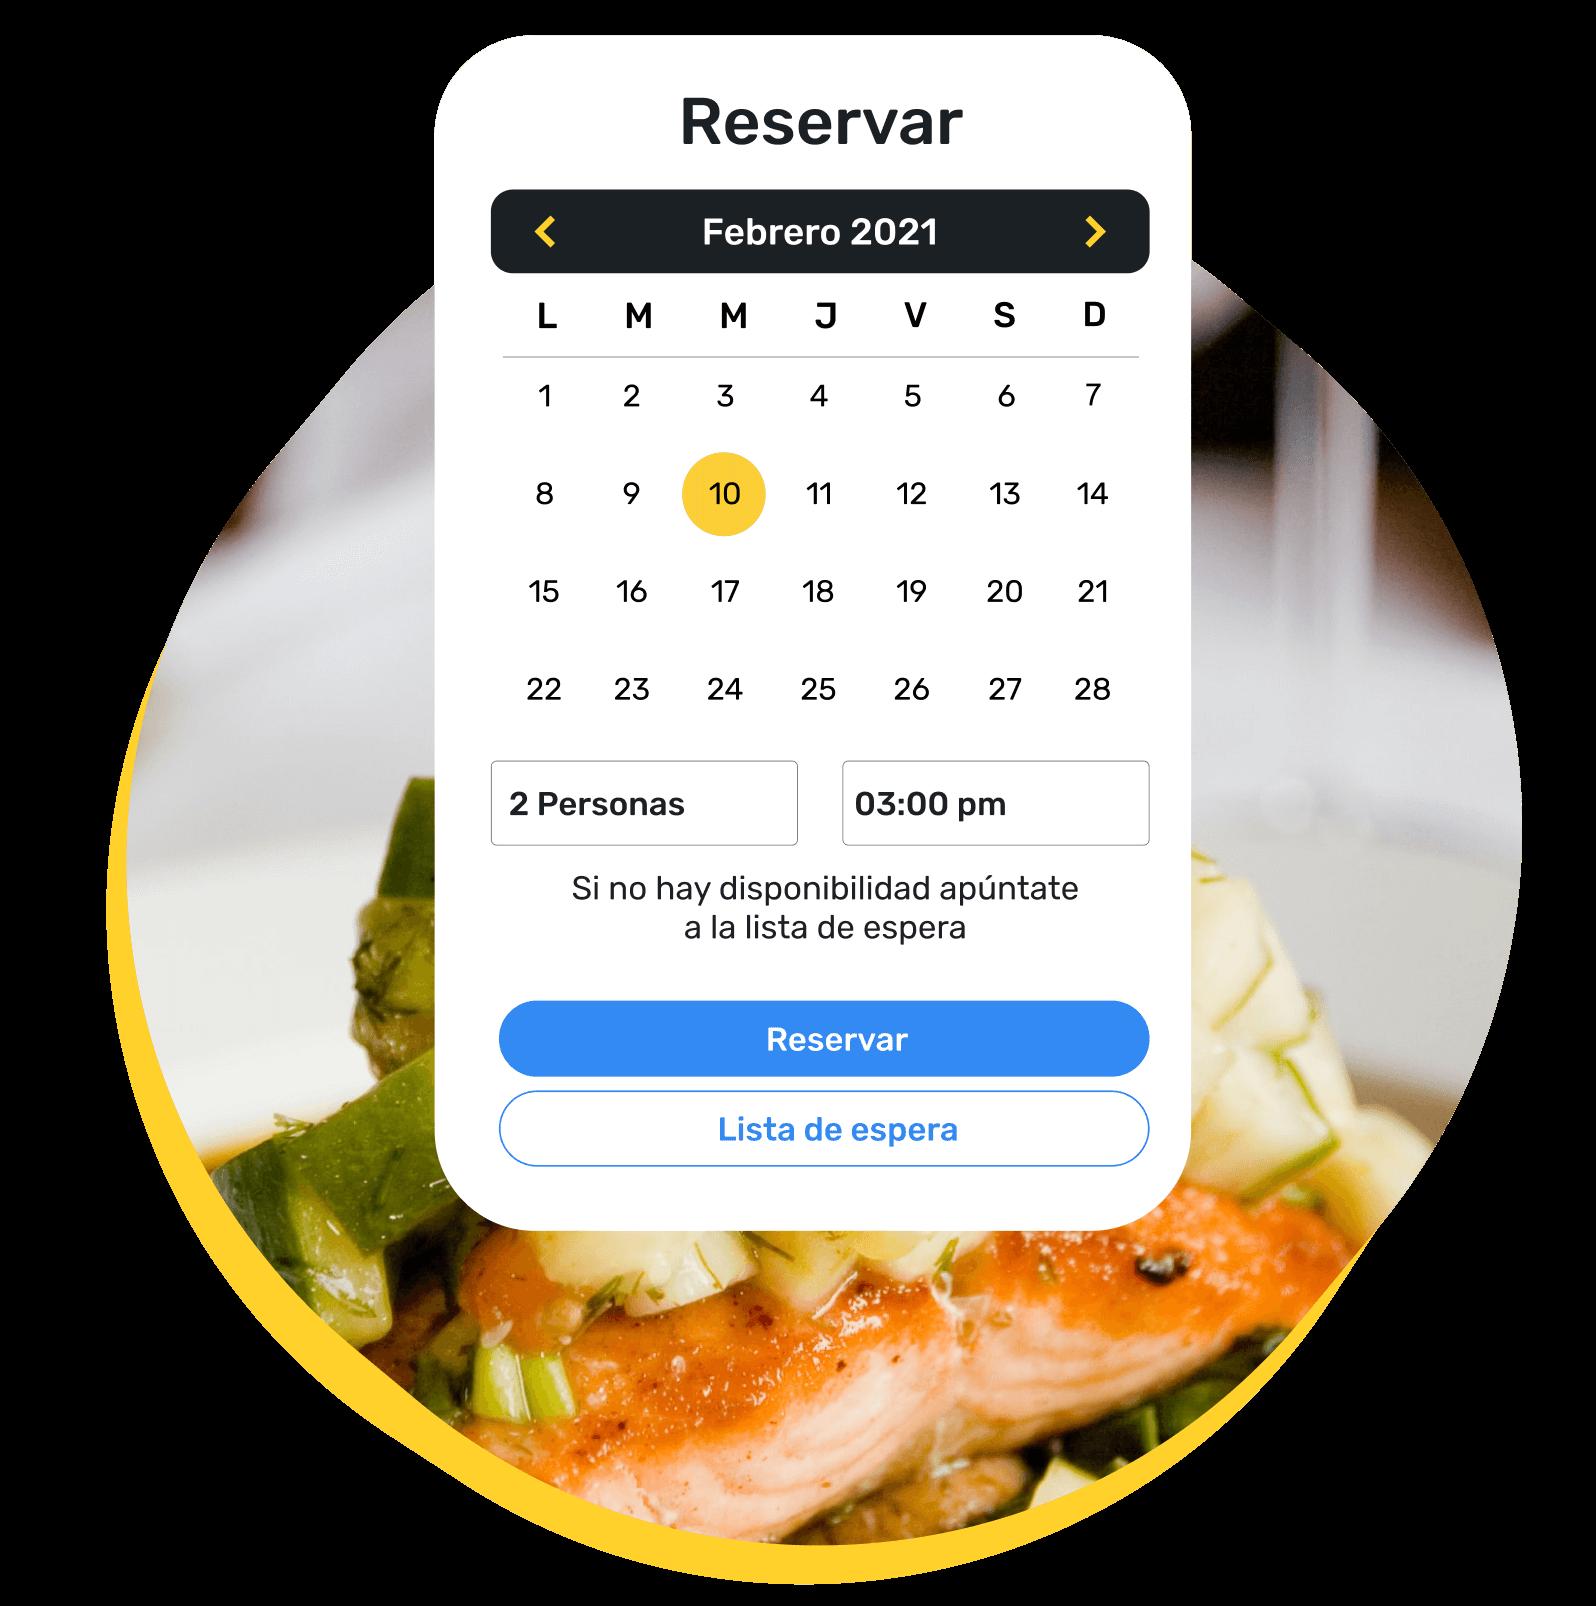 Ventana de motor de reservas propio, en el que el sistema informa al cliente de que, si no hay disponibilidad el día y hora que desea, puede apuntarse a la lista de espera.